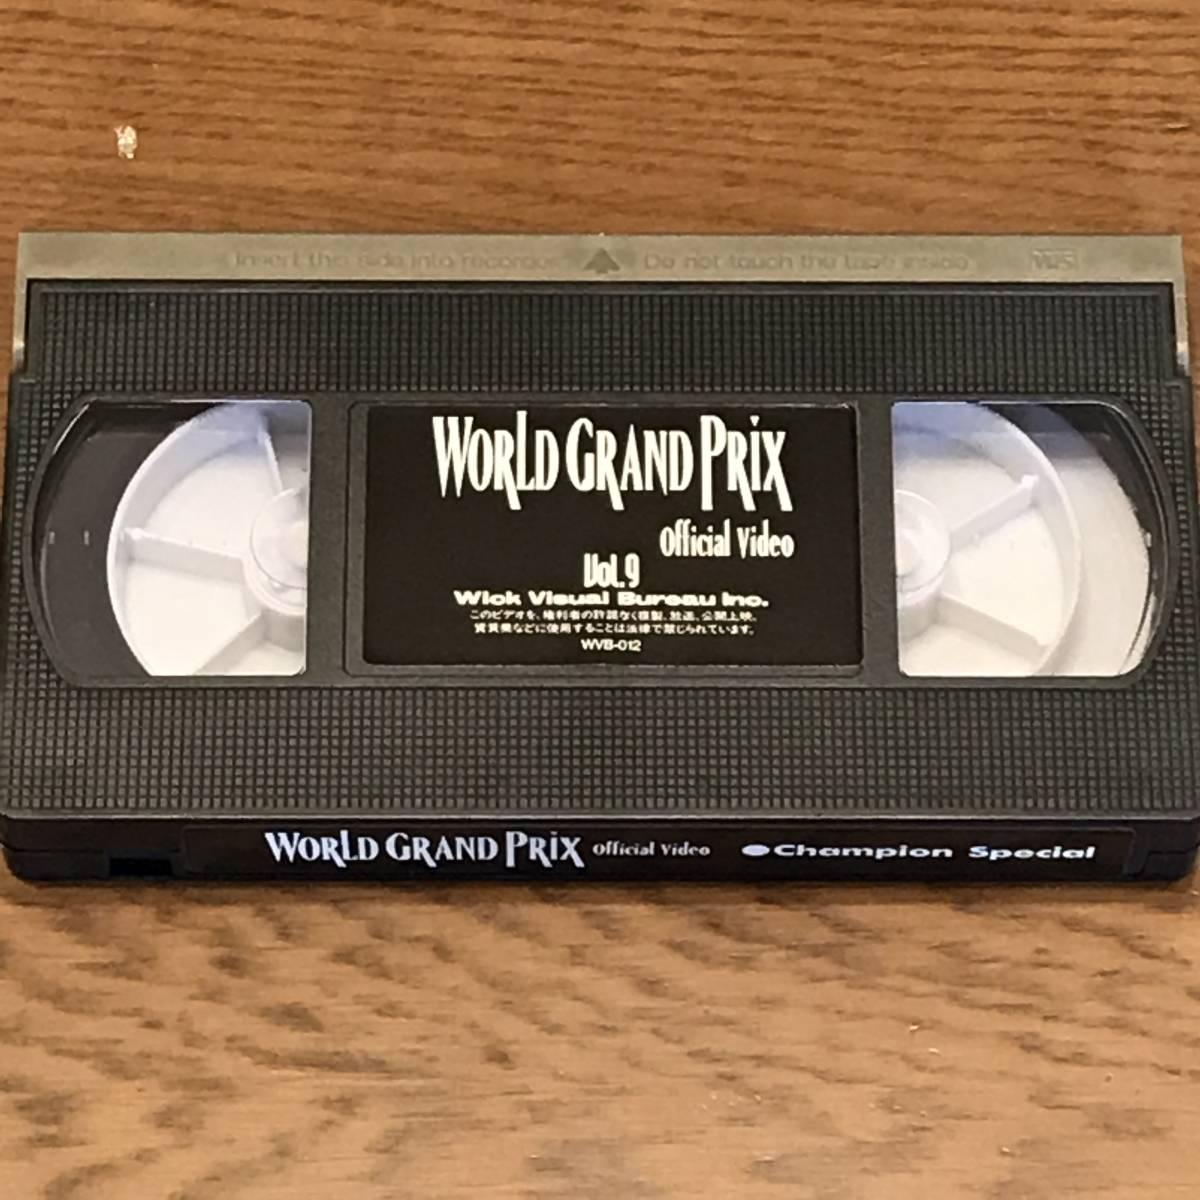 '93世界選手権ロードレース Vol.9 チャンピオン スペシャル ワールドグランプリ オフィシャルビデオ _画像4